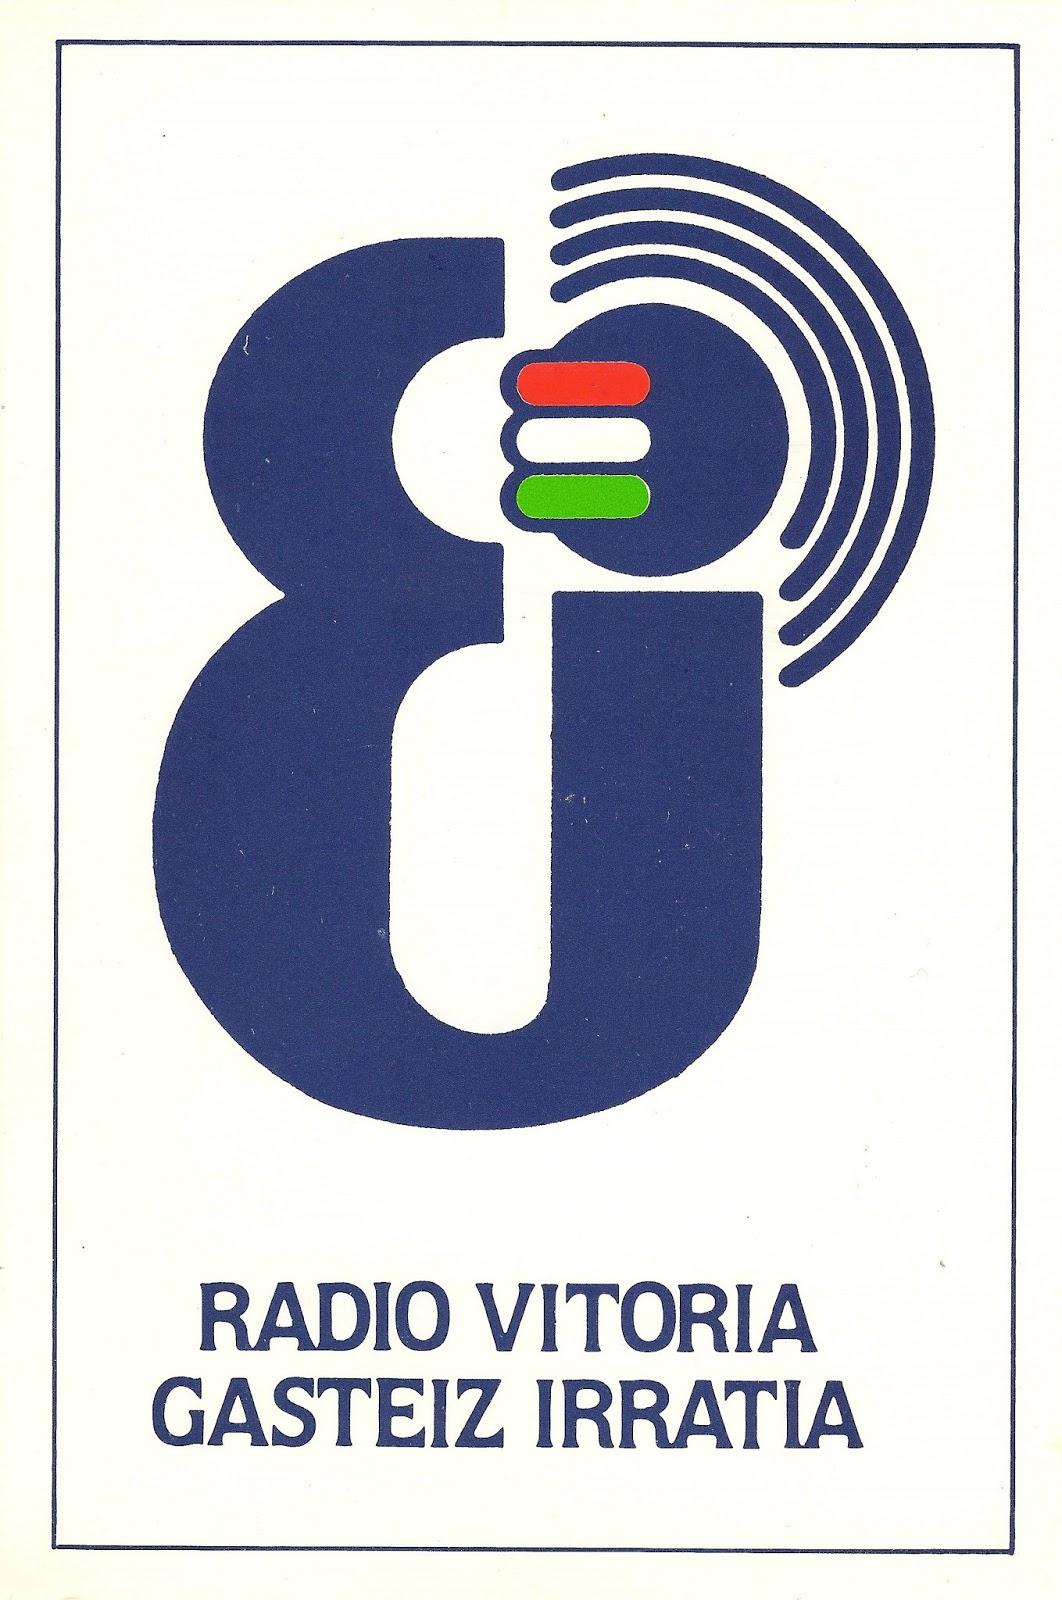 Radio Vitoria